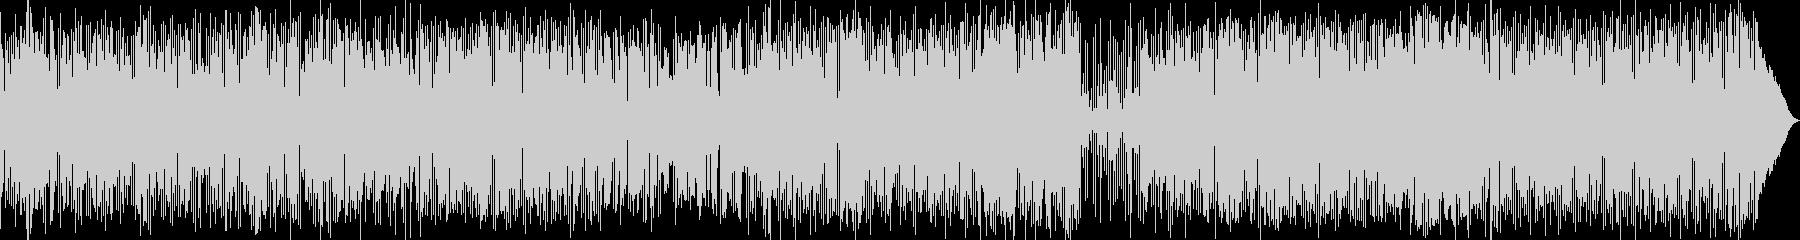 疾走感溢れるボサノバ・ロックの未再生の波形